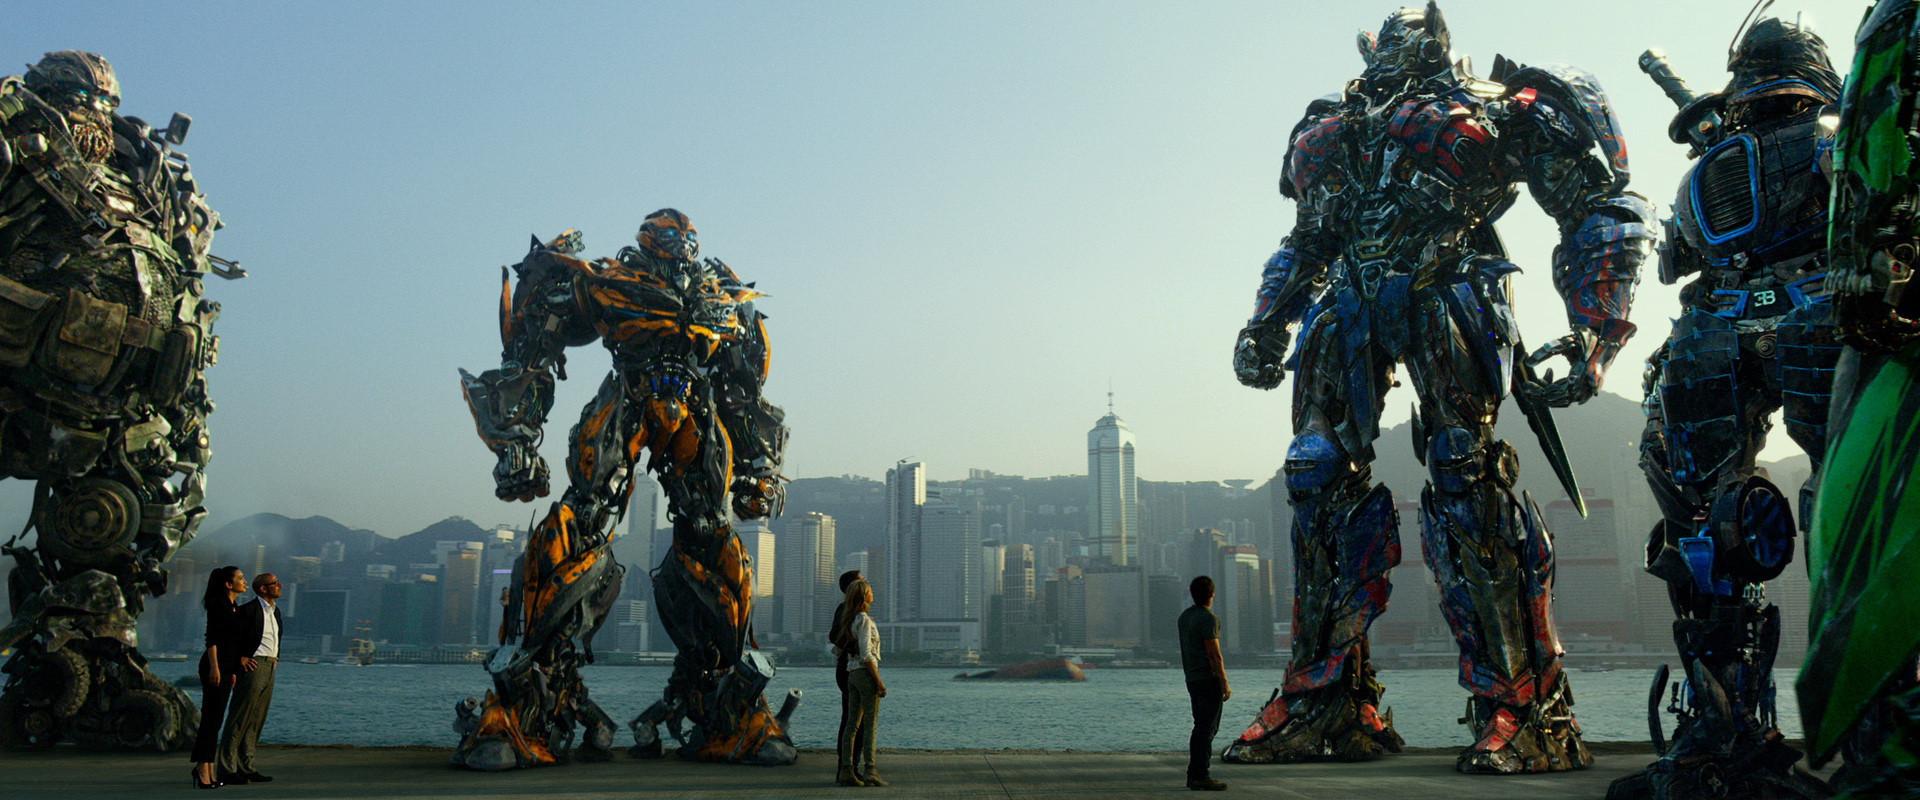 Transformers 4 Der Film